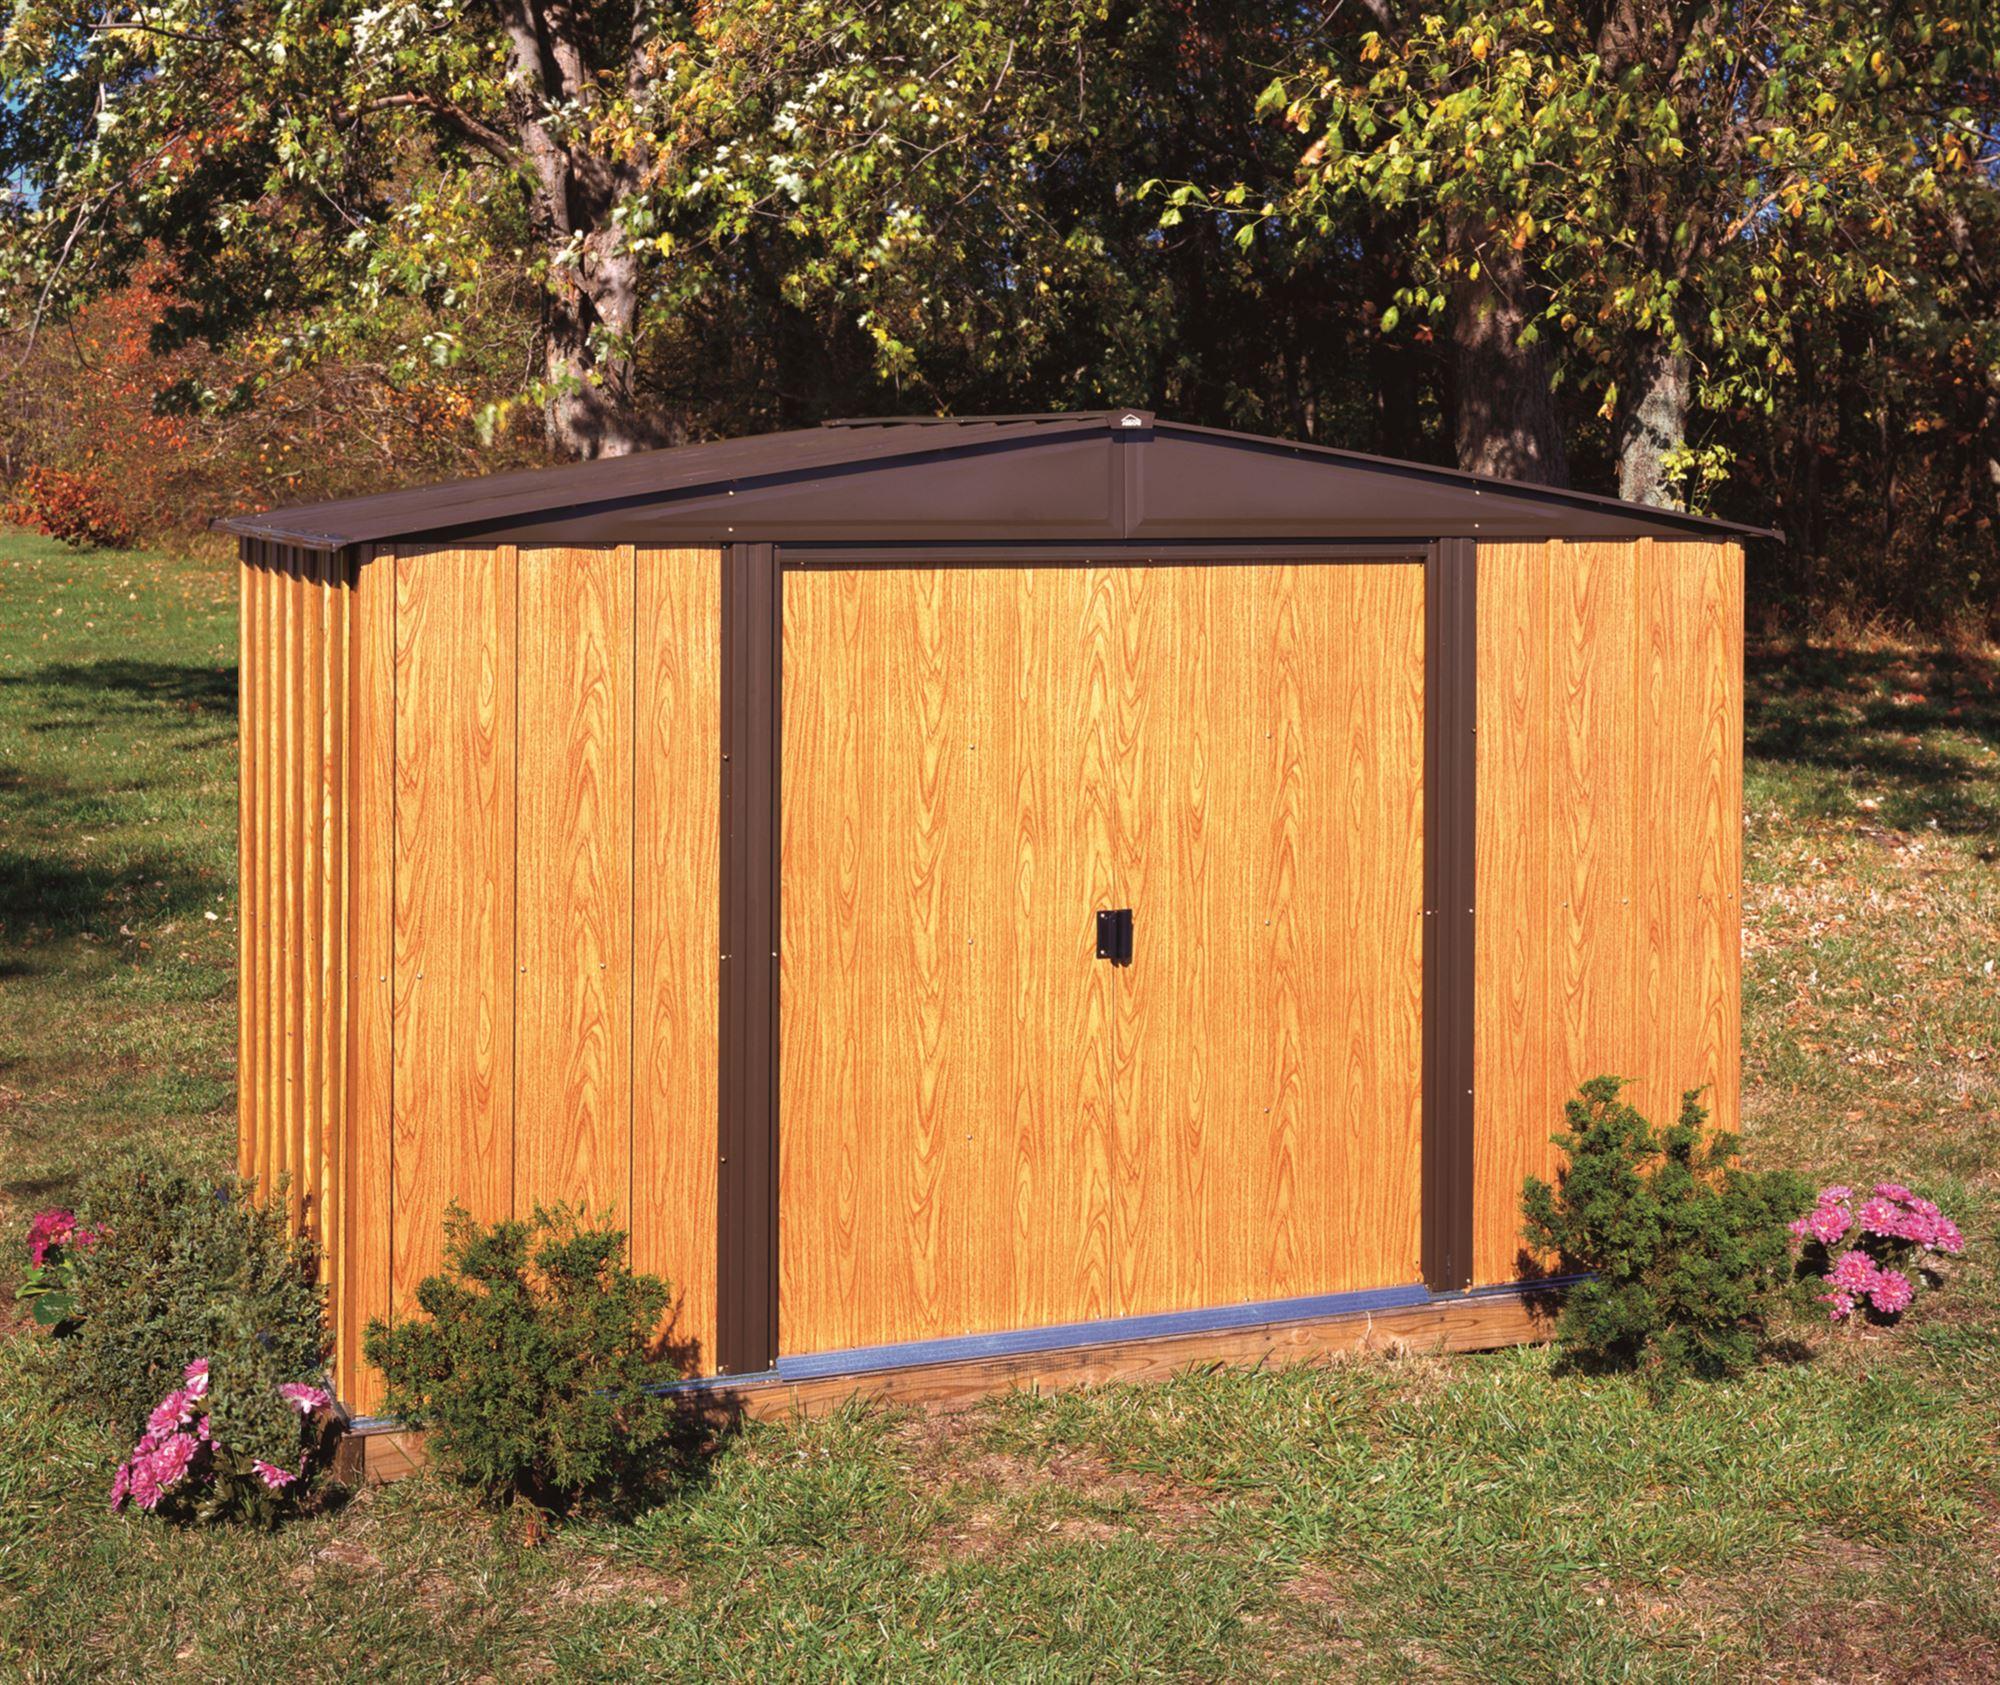 Abri De Jardin Arrow Wl106 En Acier Galvanisé 5 M2 à Abri De Jardin Metal Imitation Bois